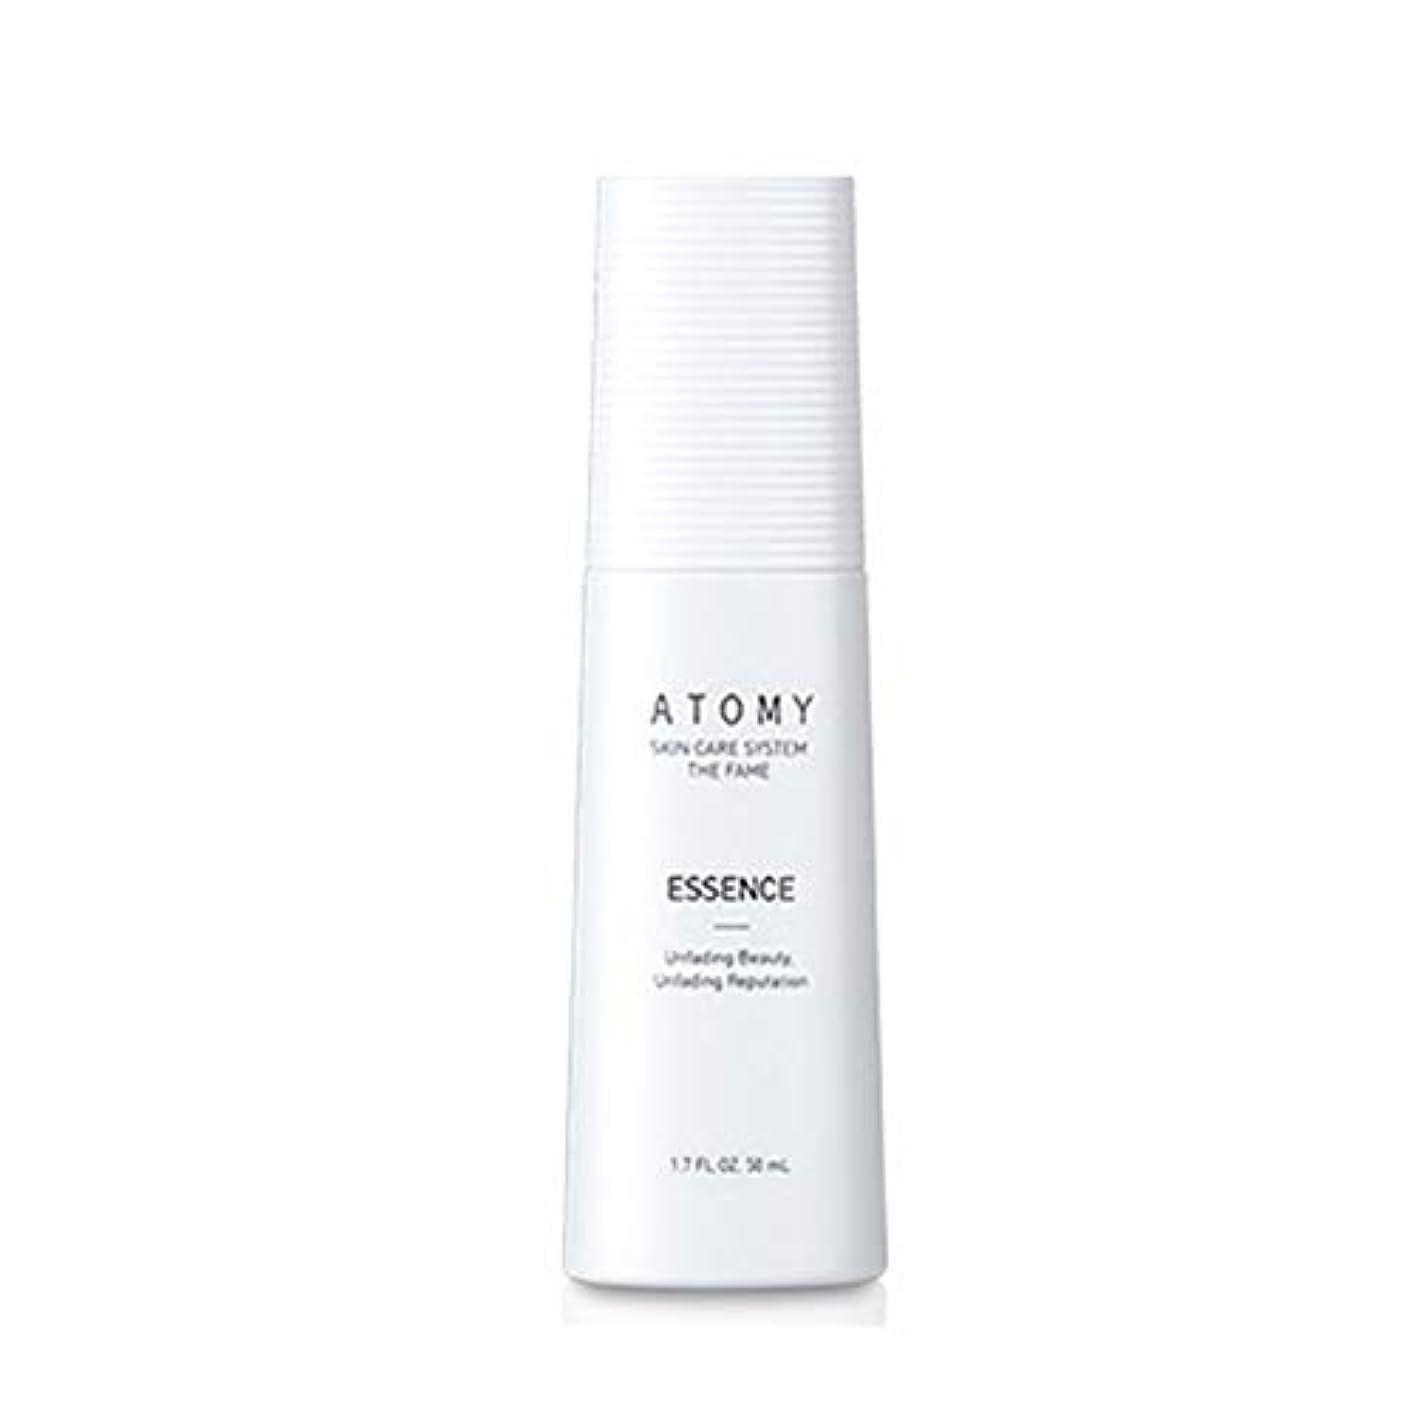 抵抗する空いているヒロイックアトミザ?フェームエッセンス50ml韓国コスメ、Atomy The Fame Essence 50ml Korean Cosmetics [並行輸入品]